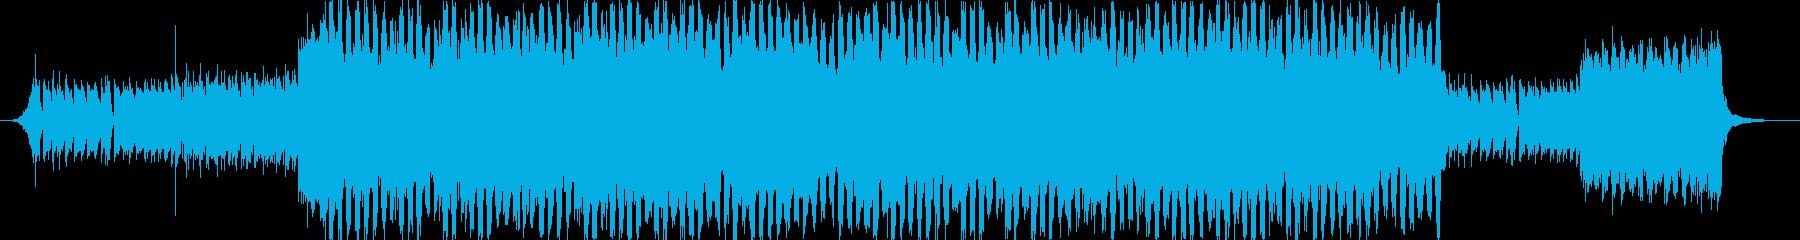 ジャジーなピアノおしゃれポップ4つ打ちbの再生済みの波形